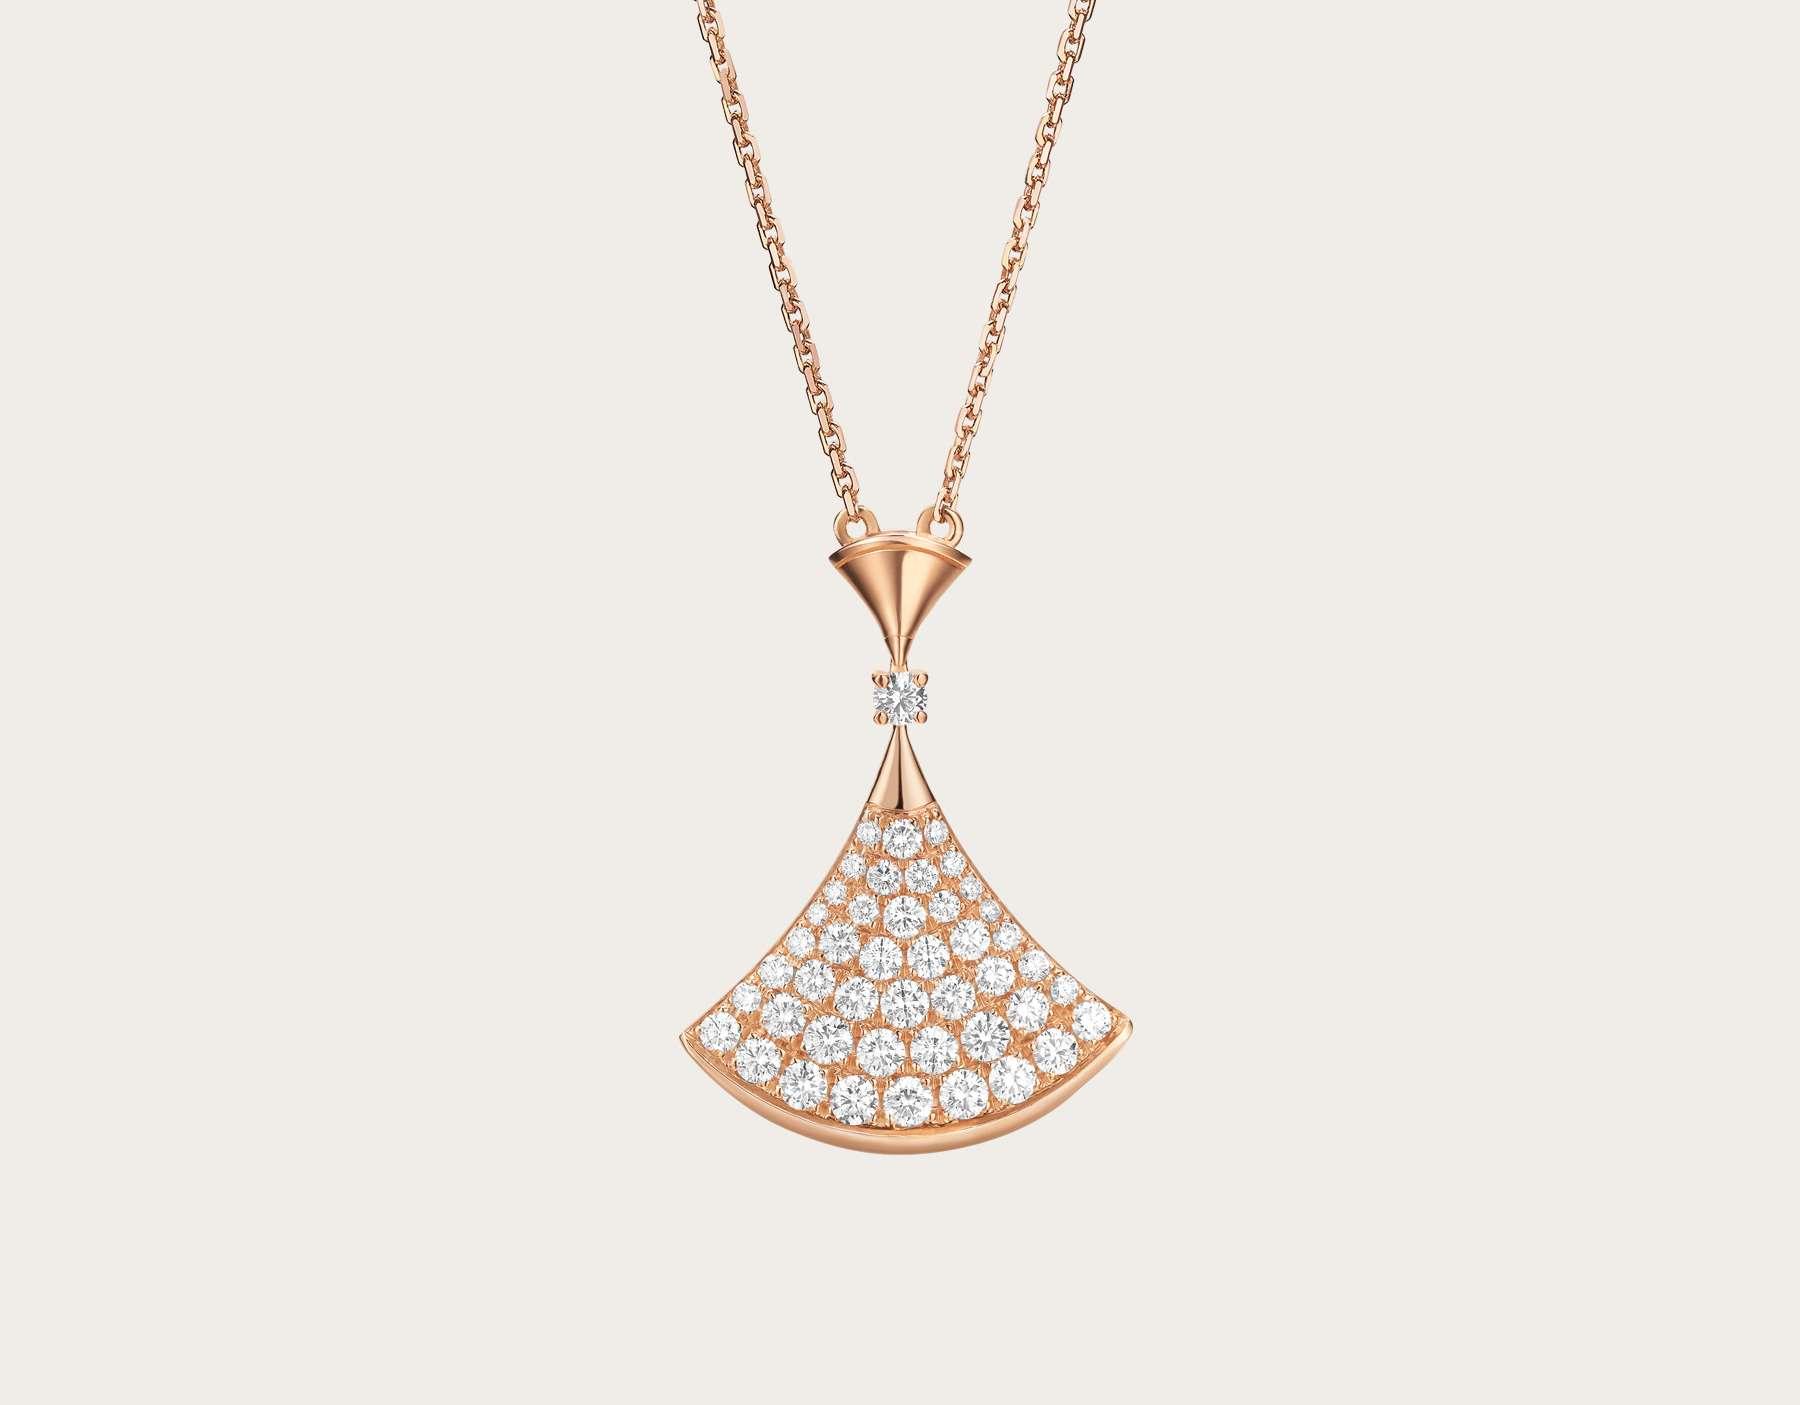 سلسلة من دار بولغاري تحتوي على حبات من الماس